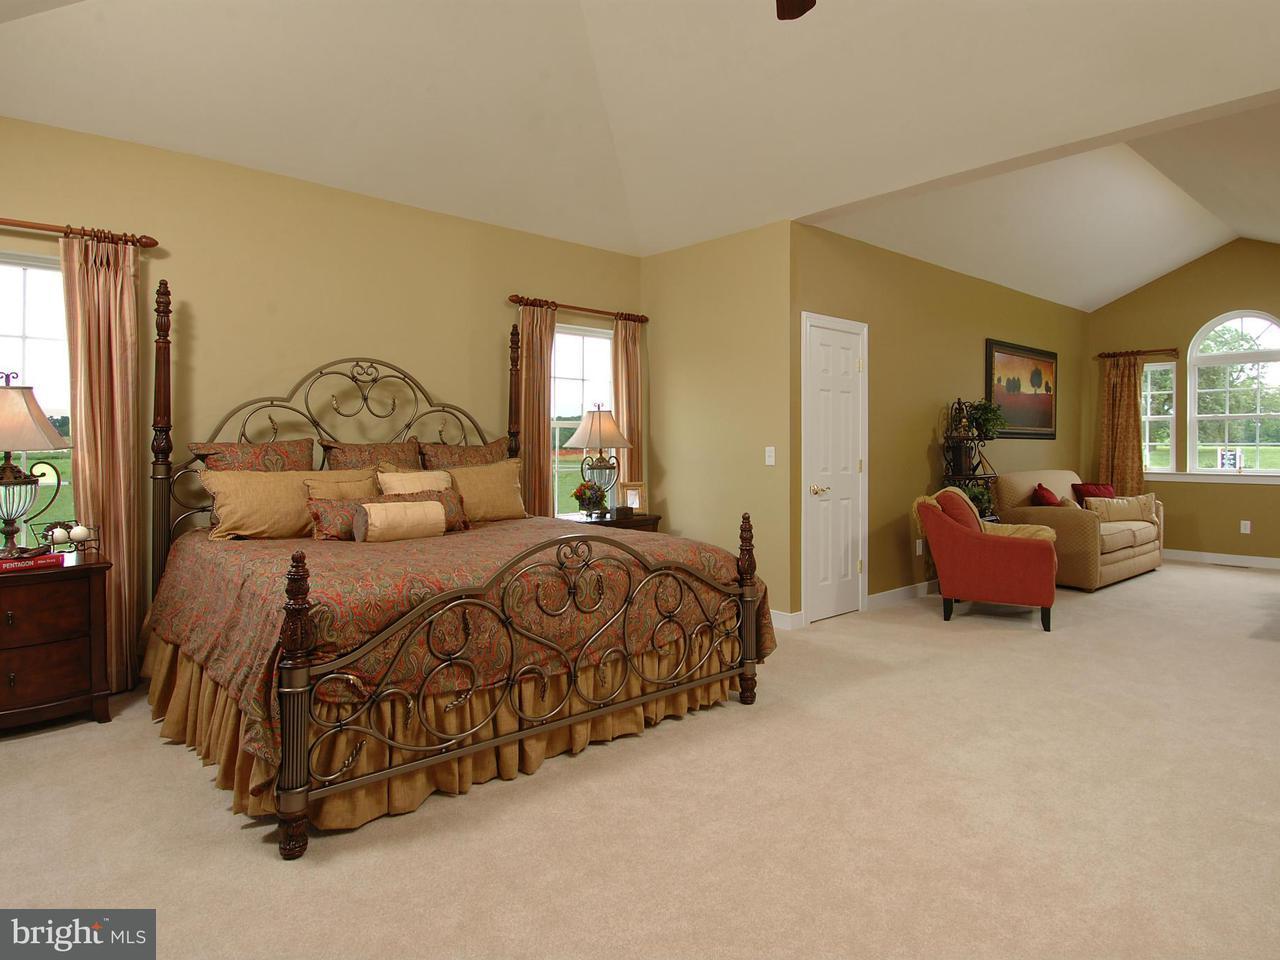 Additional photo for property listing at 603 CALDER CASTLE Court 603 CALDER CASTLE Court Parkton, Maryland 21120 Verenigde Staten